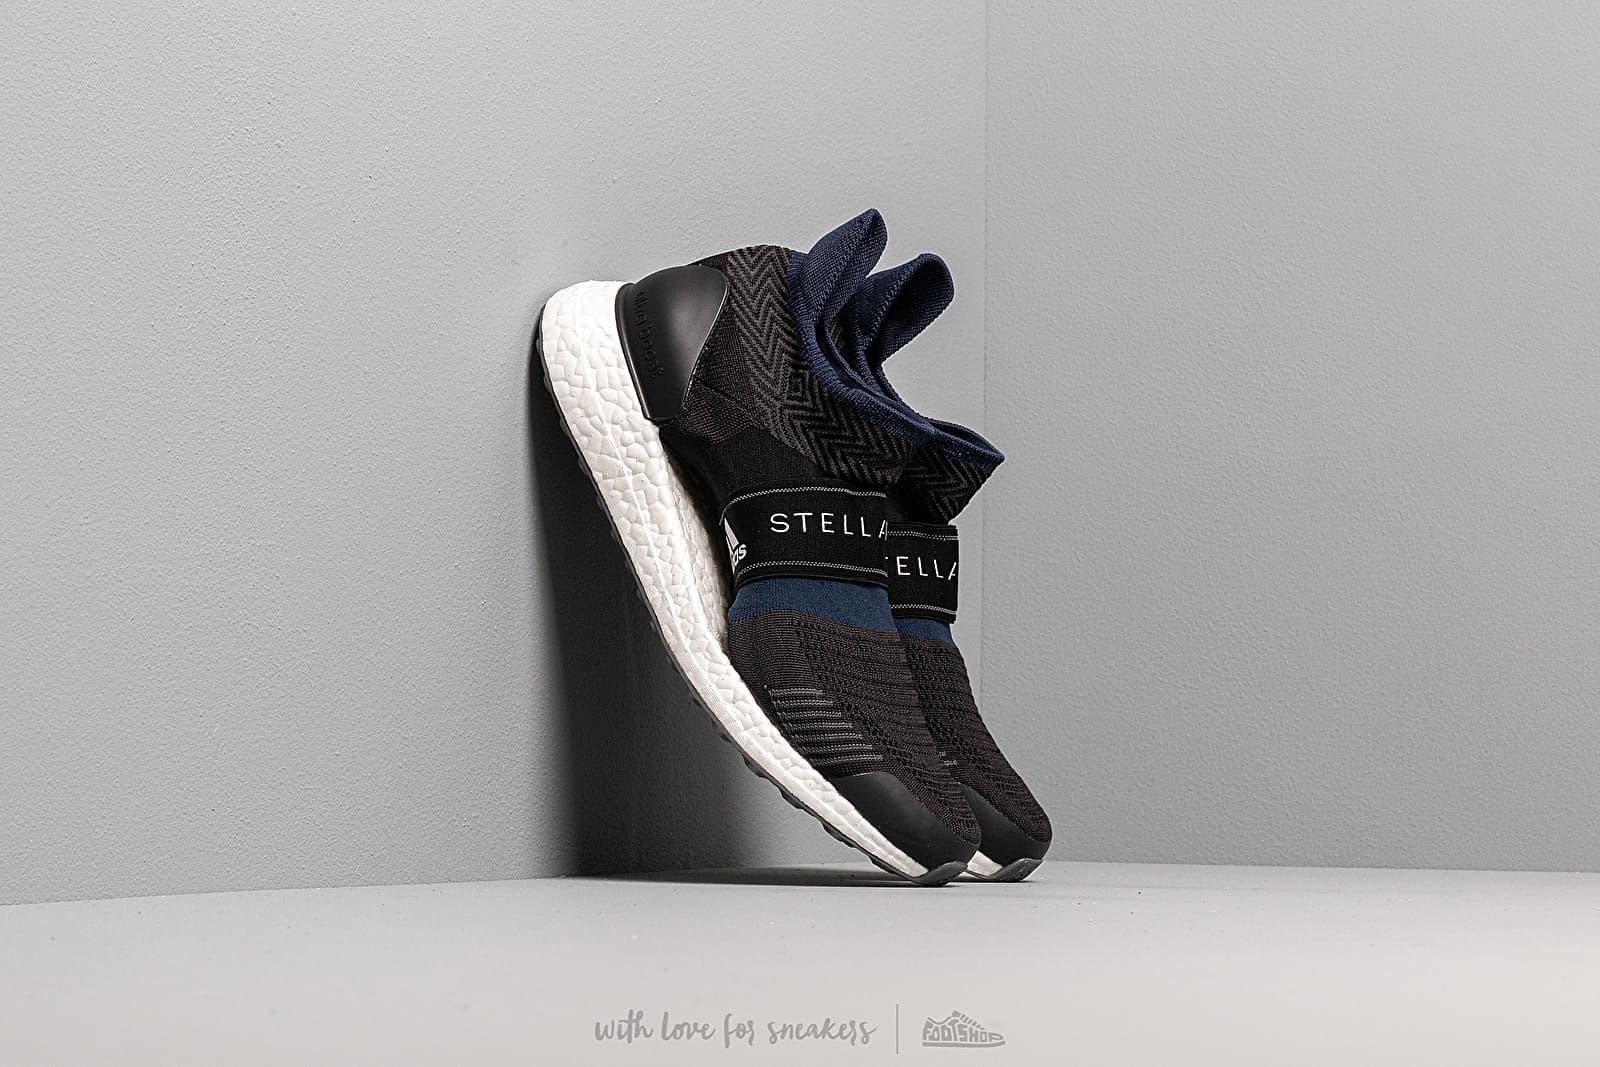 best website ff9f8 f62cd adidas x Stella McCartney UltraBOOST X 3.D. Black White/ Night Indigo/ Noir  Blue | Footshop